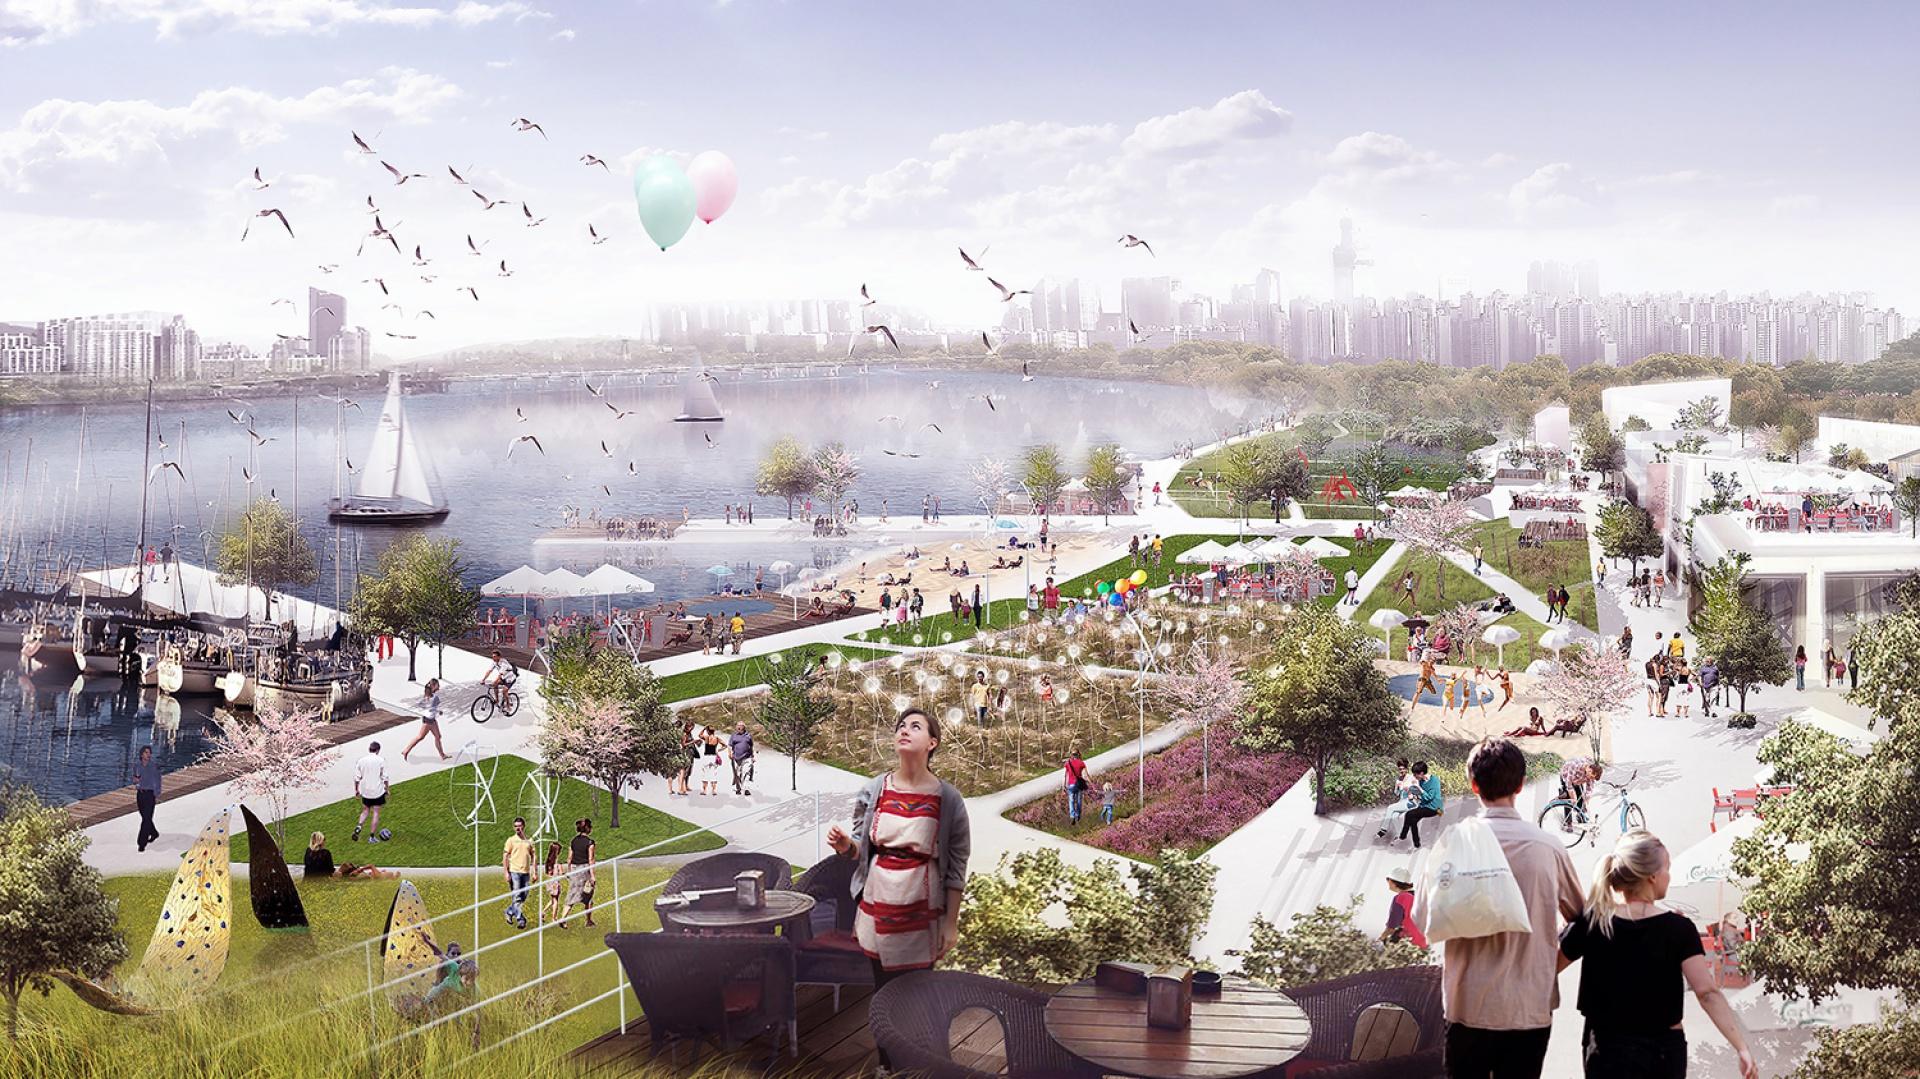 Założenie przewiduje opracowanie sześciu głównych obiektów – ikon: modernizację dwóch stadionów, utworzenie centrum EXPO, krytego basenu oraz centrum sportowo-rekreacyjnego. Fot. BXBstudio